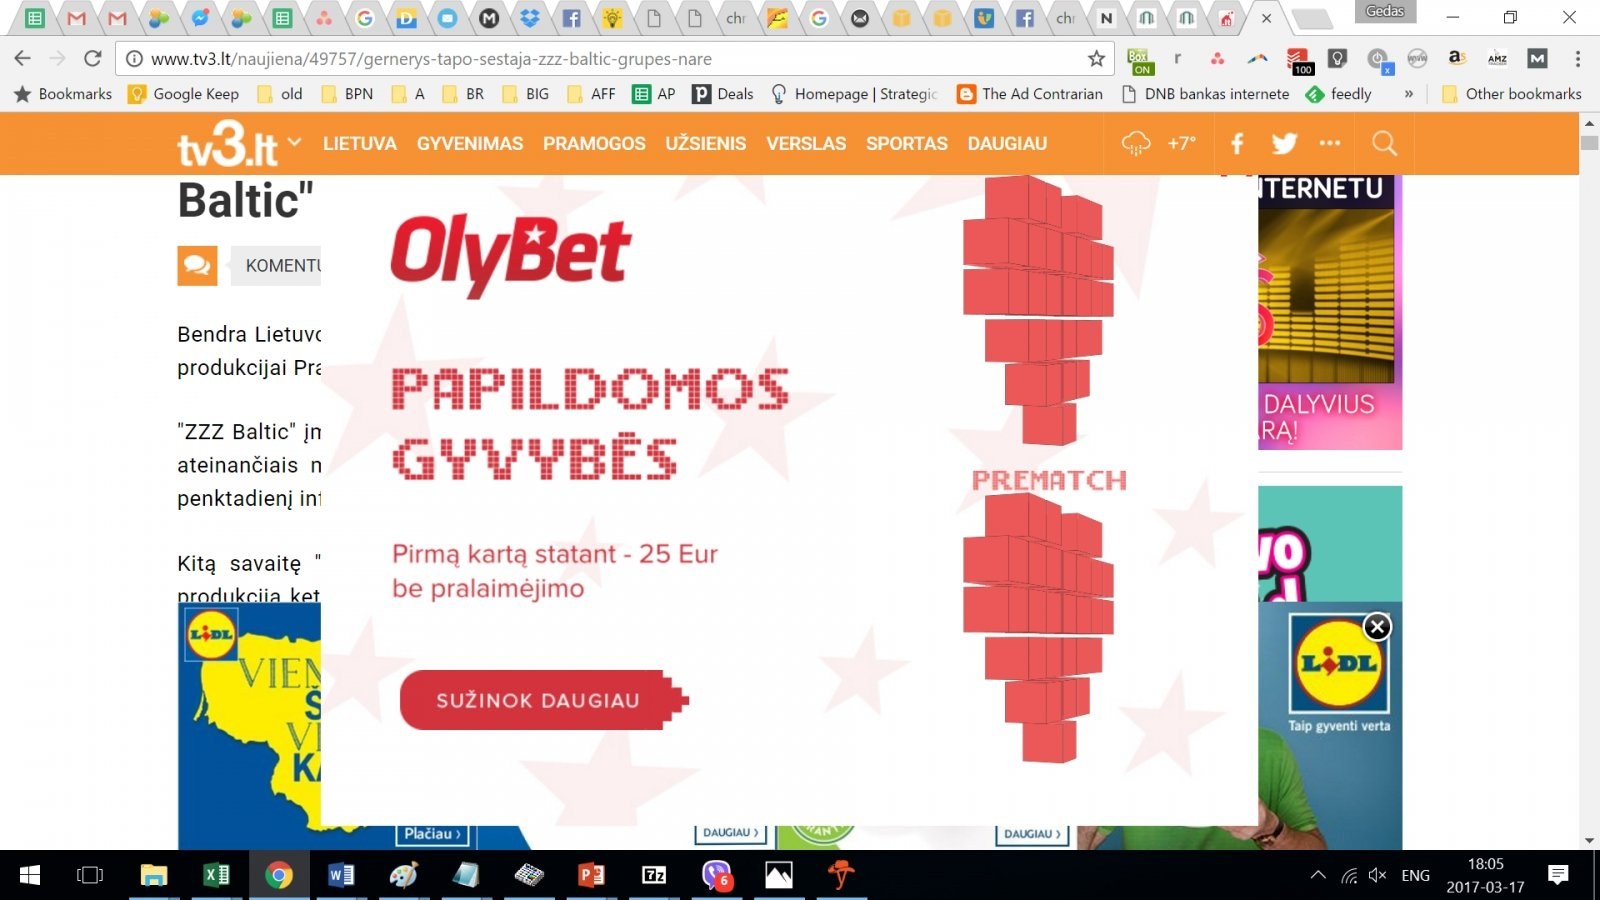 Lošimų reklama internete: taisyklės yra, bet kas nenori nesilaiko